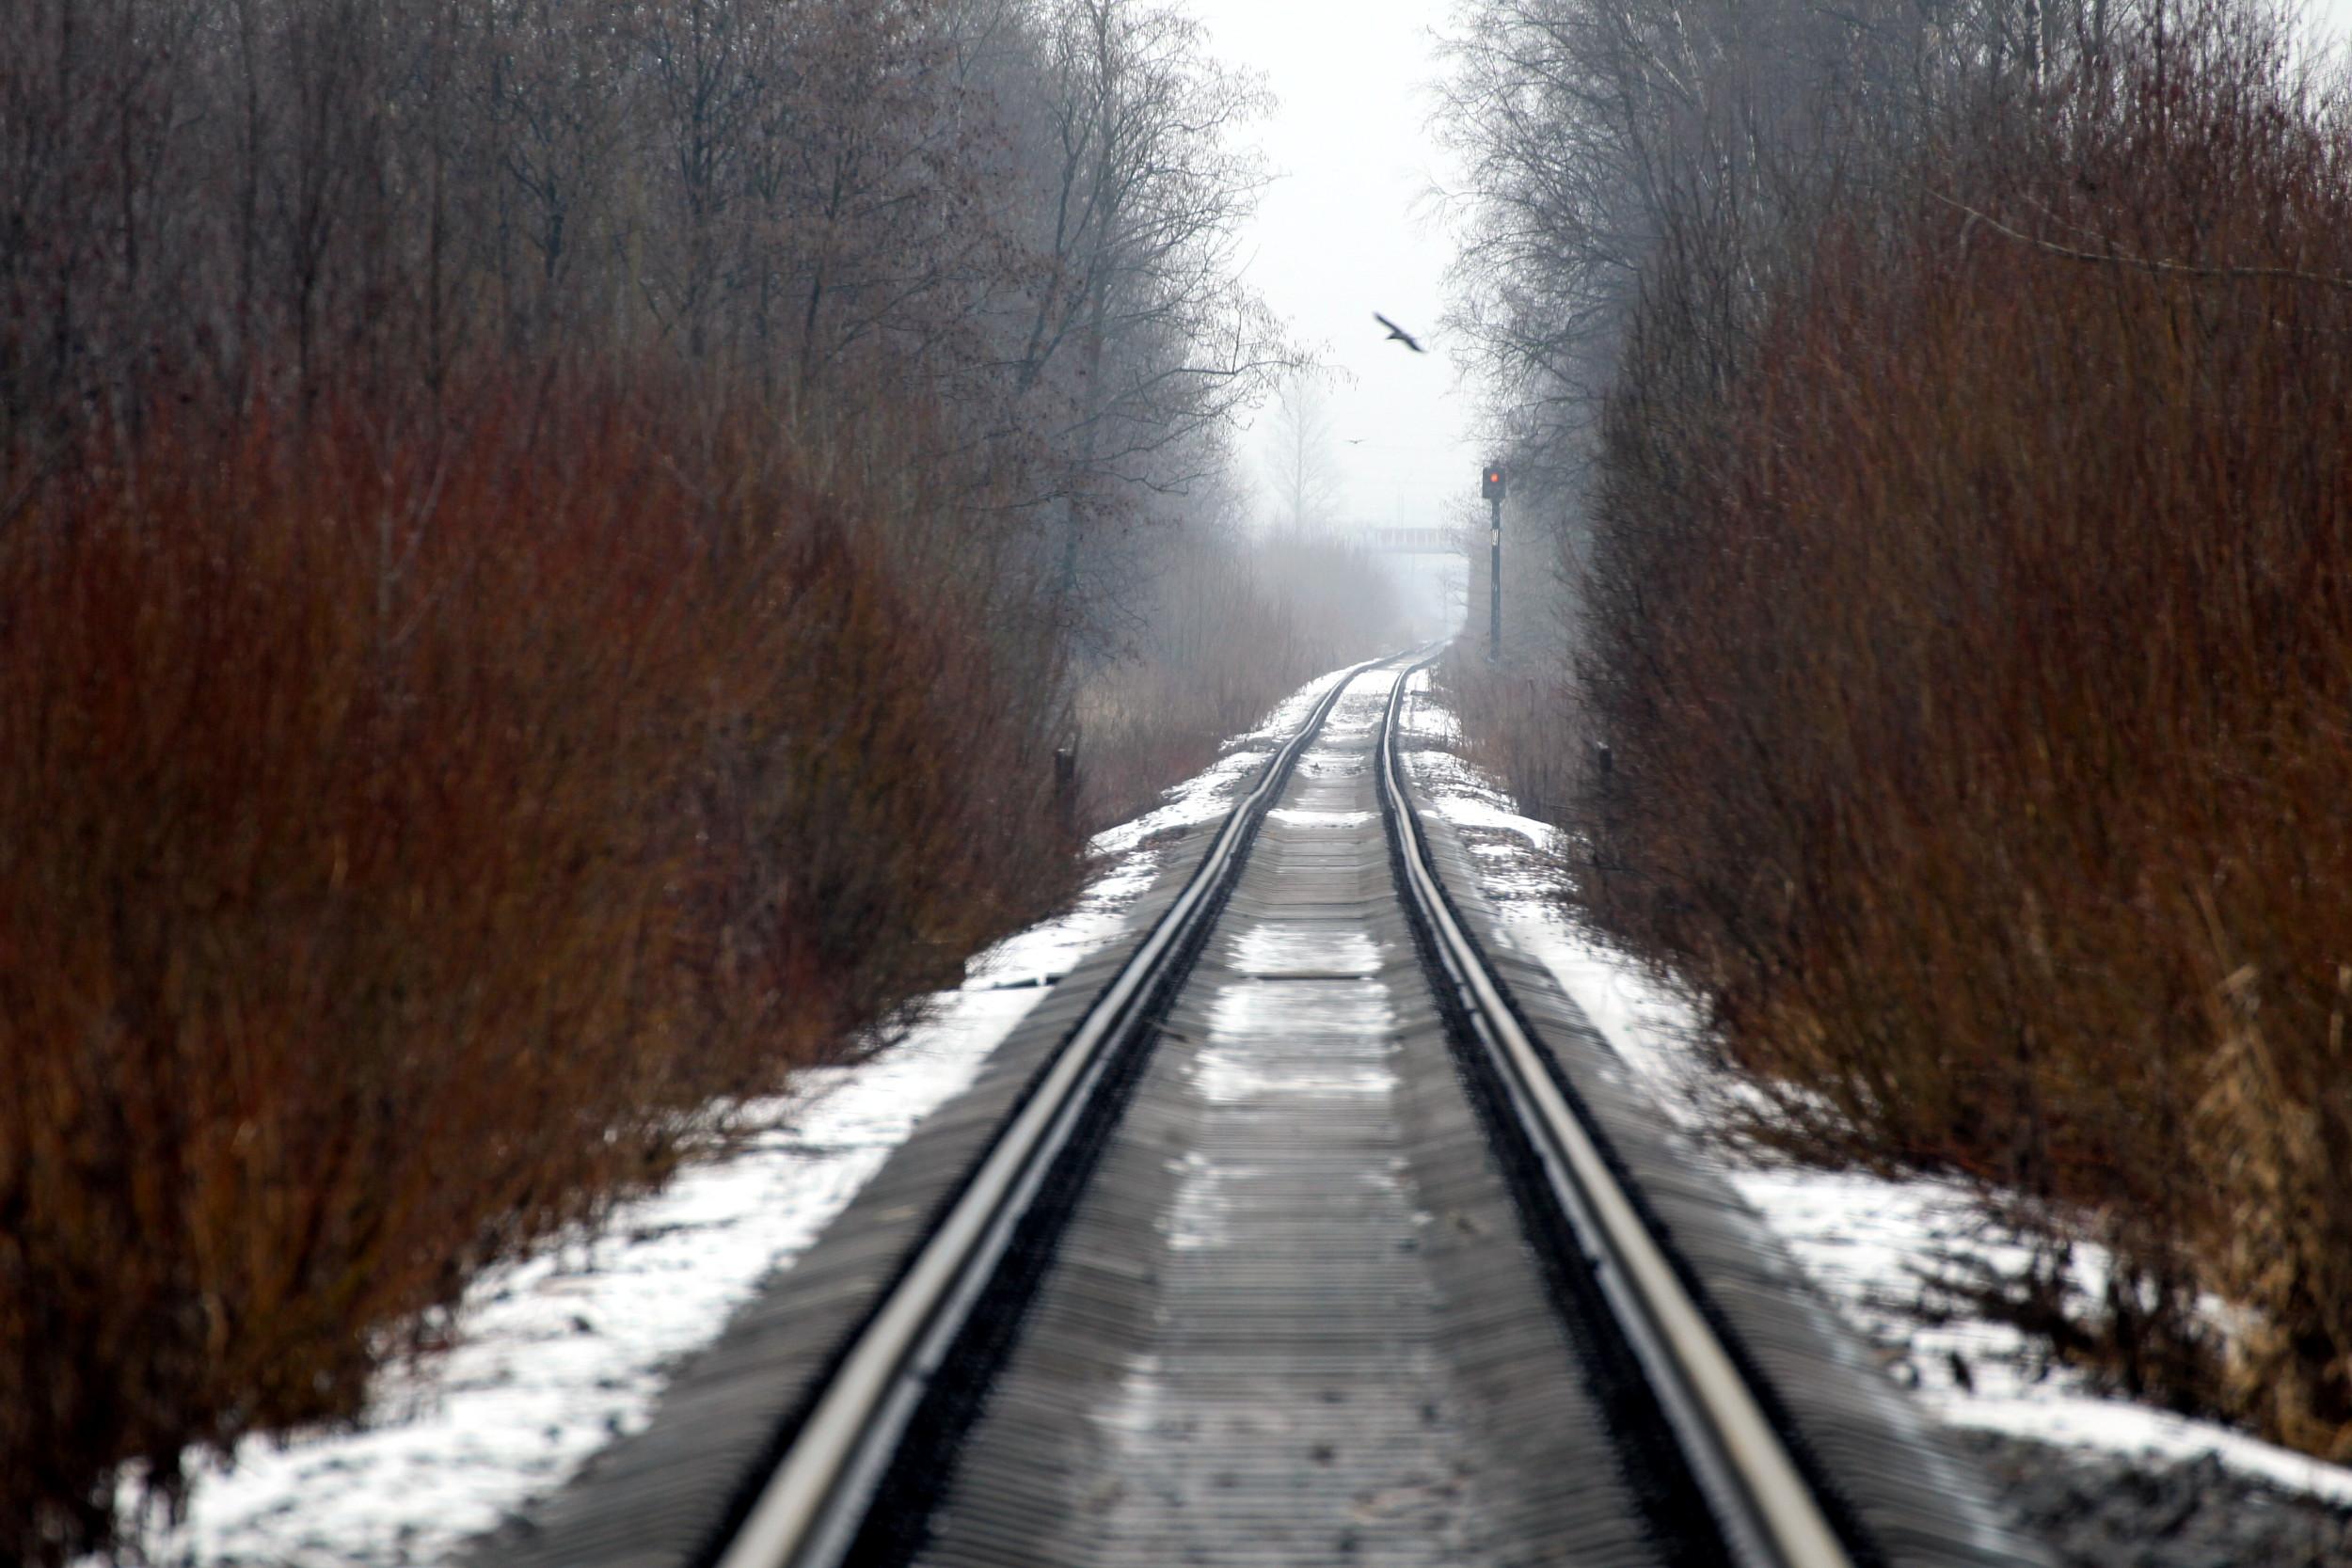 оккервиль железнодорожная ветка пути рельсы полотно шпалы лес снег туман